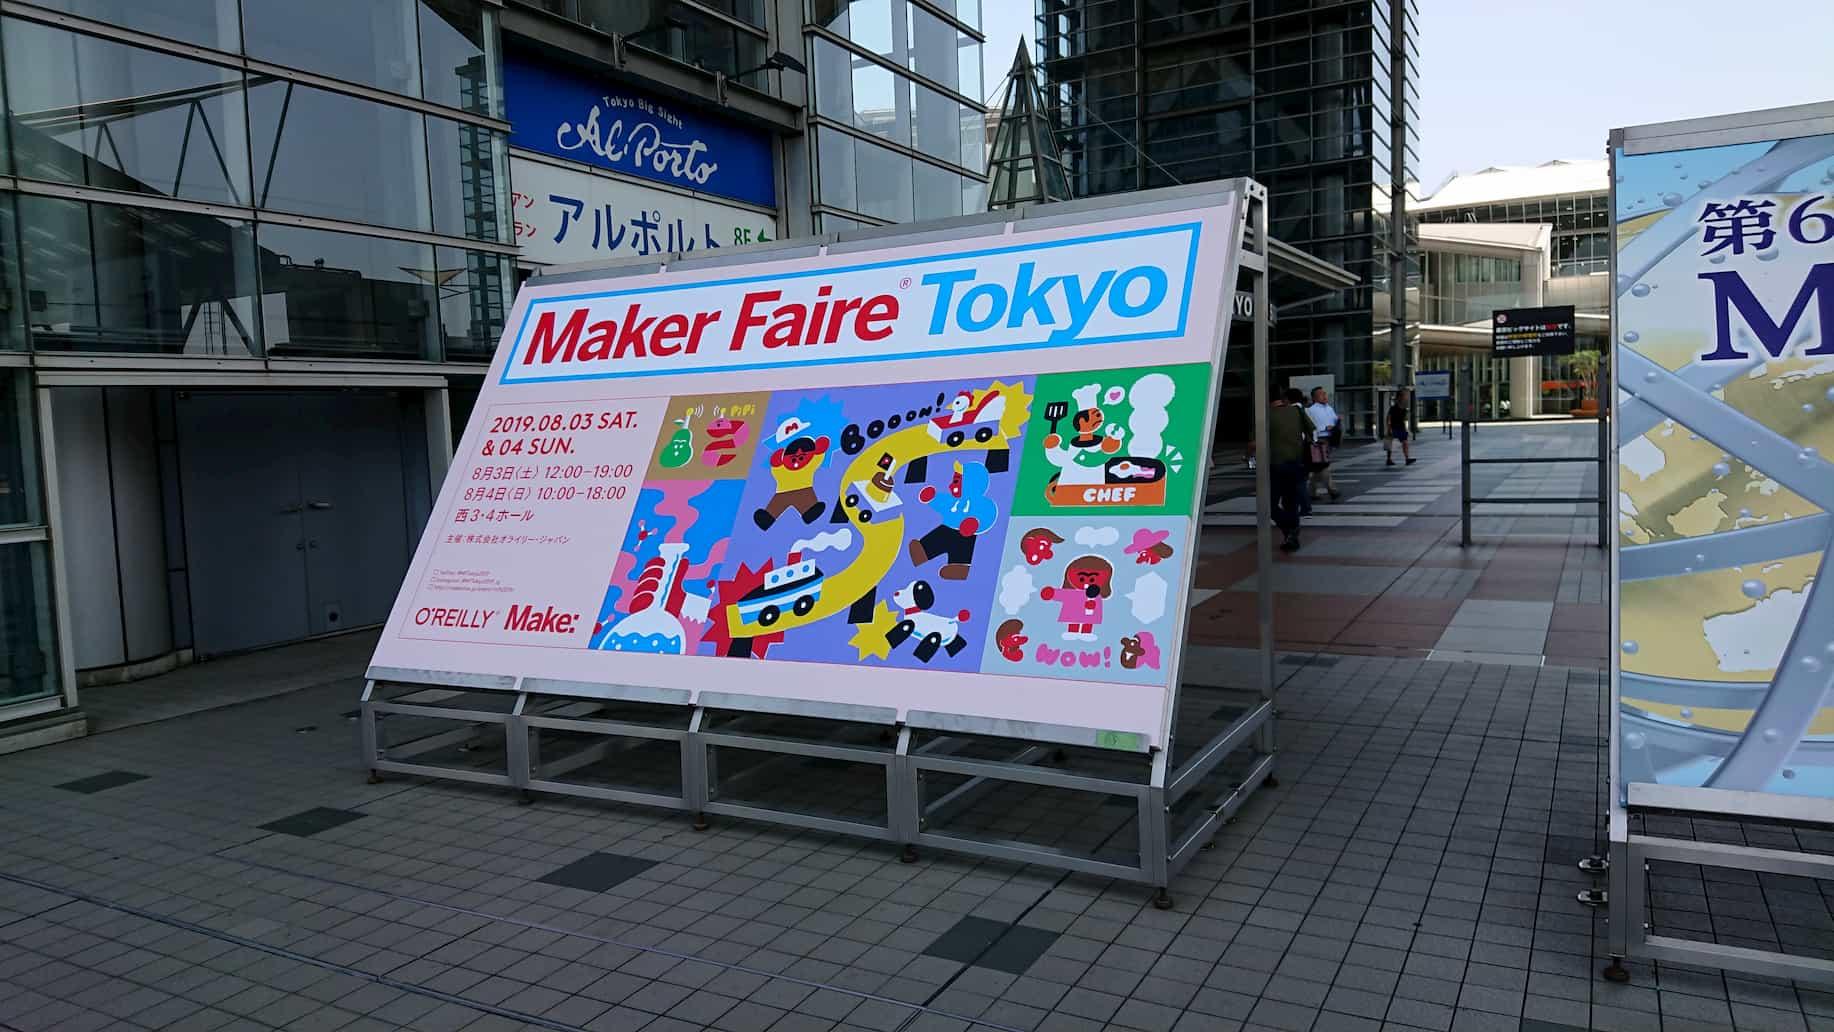 ワクワクがあふれるMaker Faire Tokyo 2019行ってきました! メイン画像